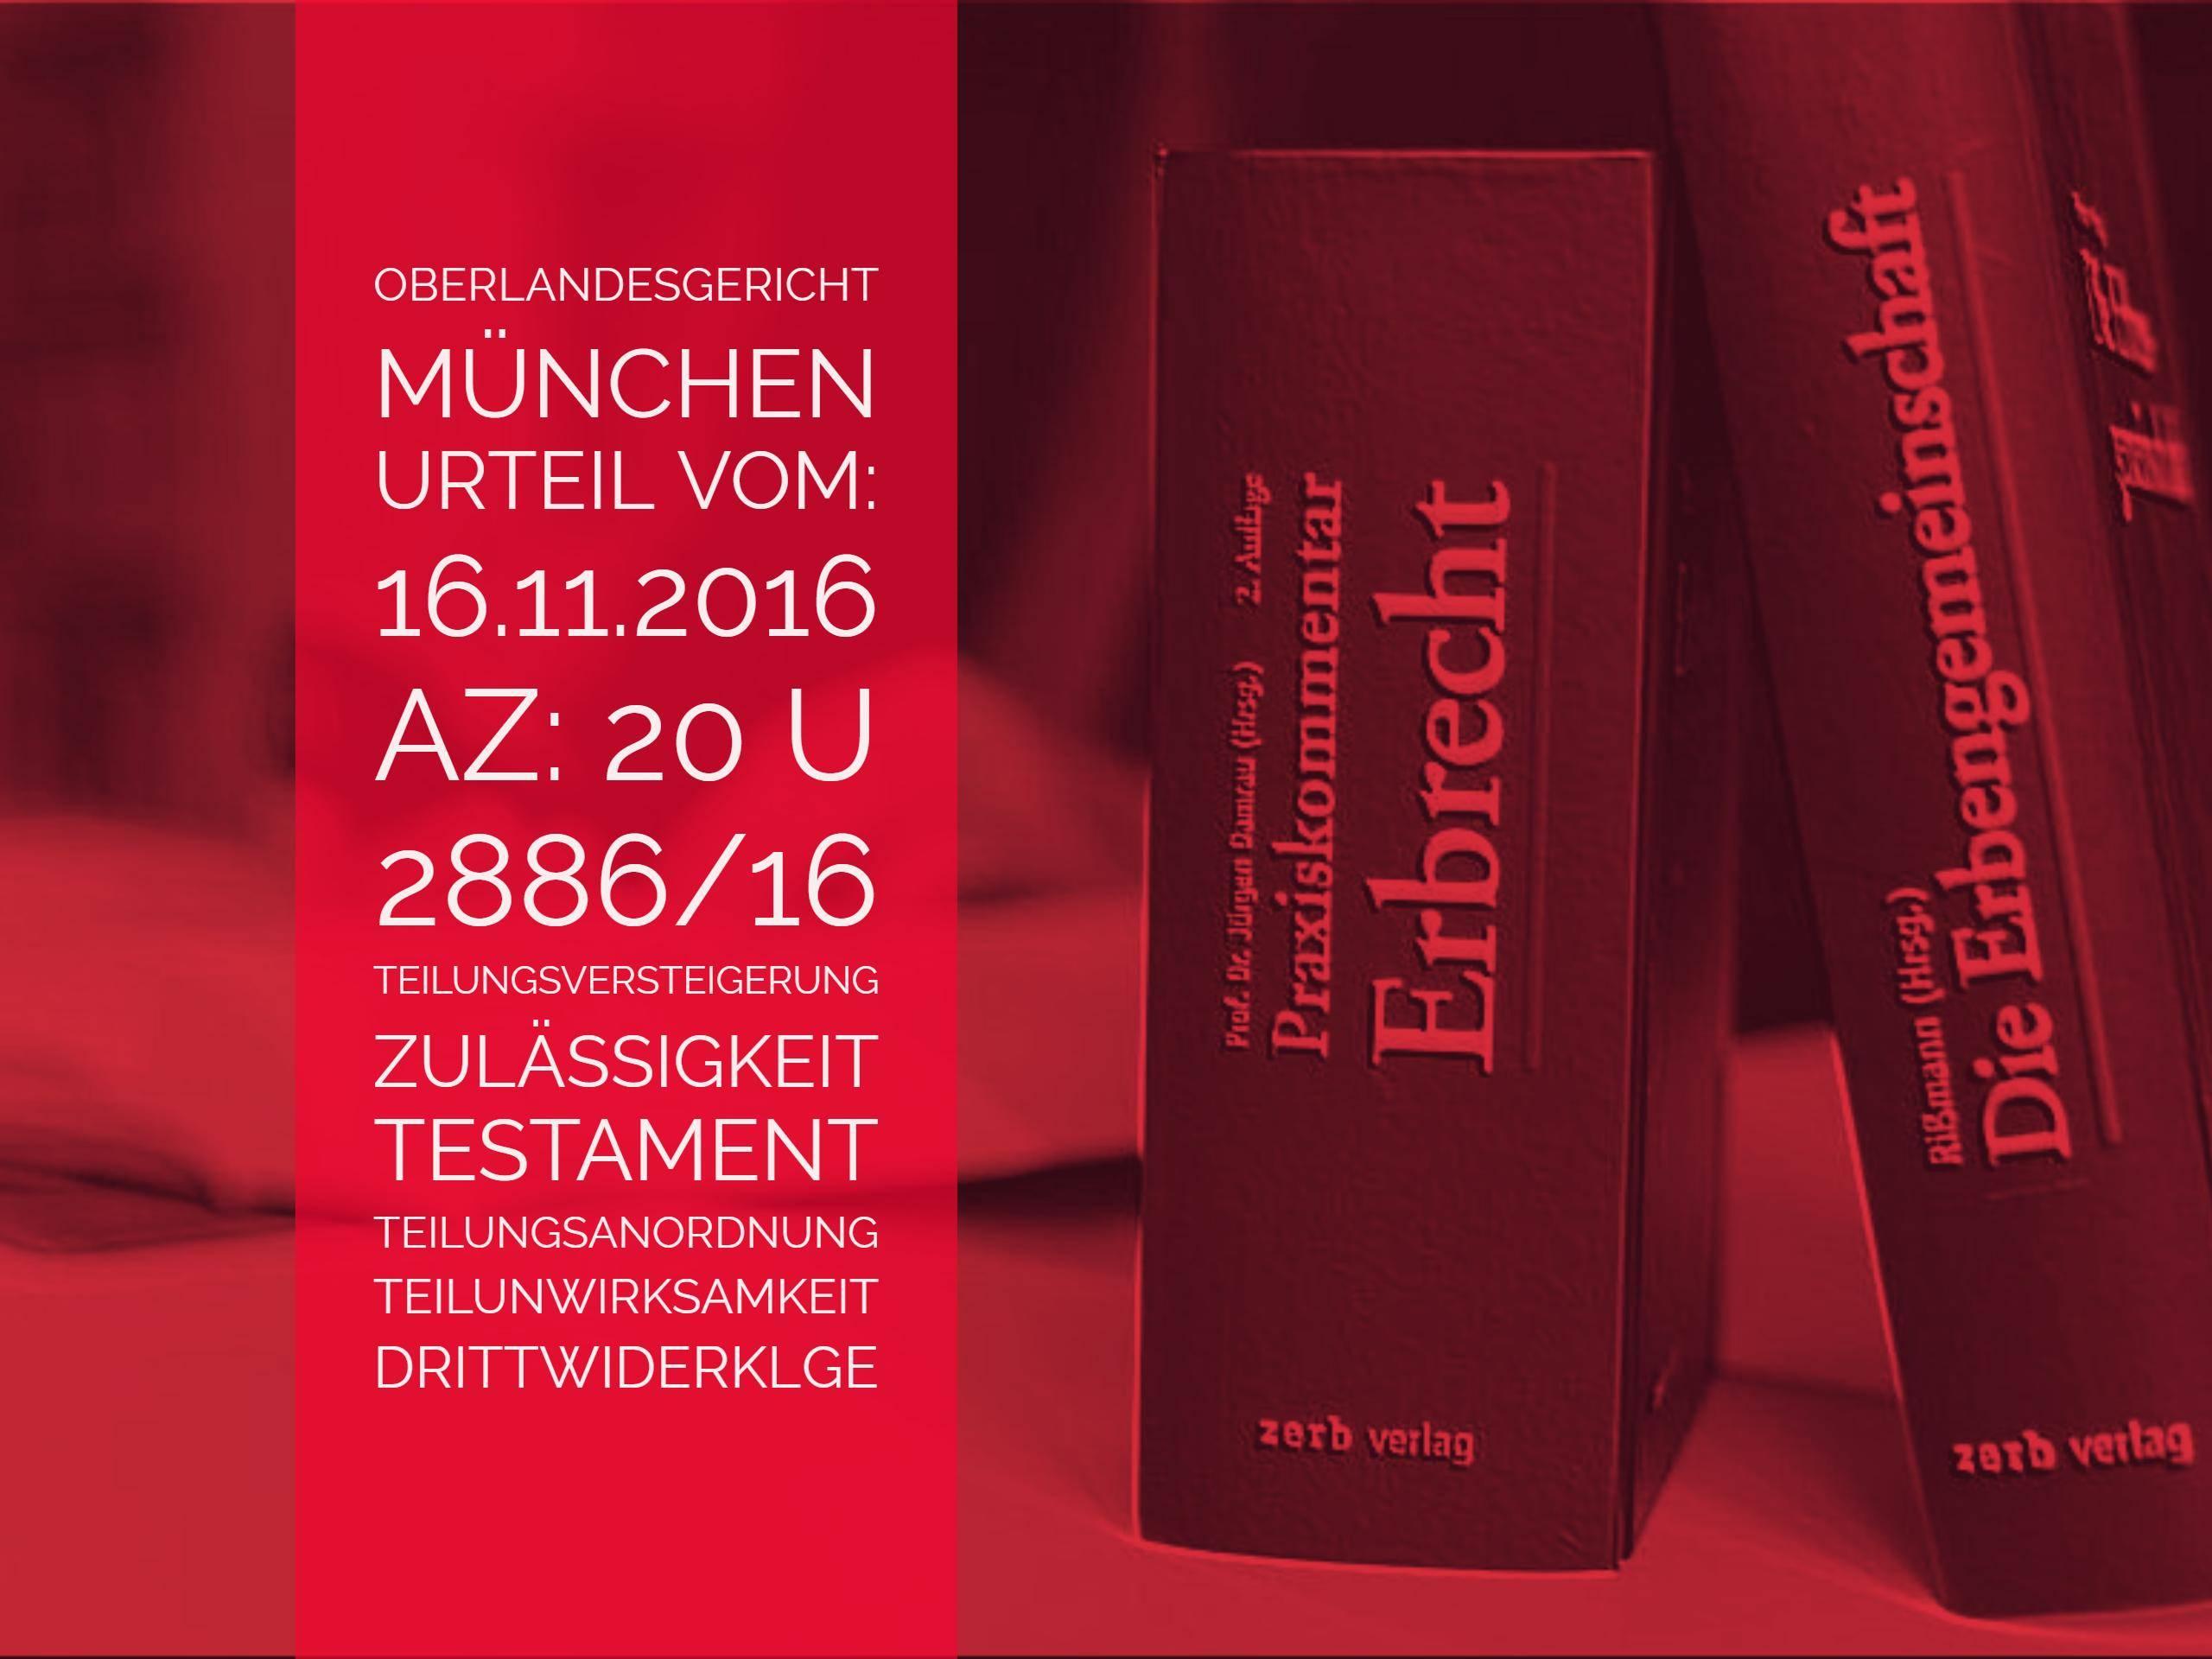 OLG München: Urteil vom 16.11.2016 * Az 20 U 2886/16 | Unzulässigkeit der Teilungsversteigerung bei Teilunwirksamkeit einer Teilungsanordnung